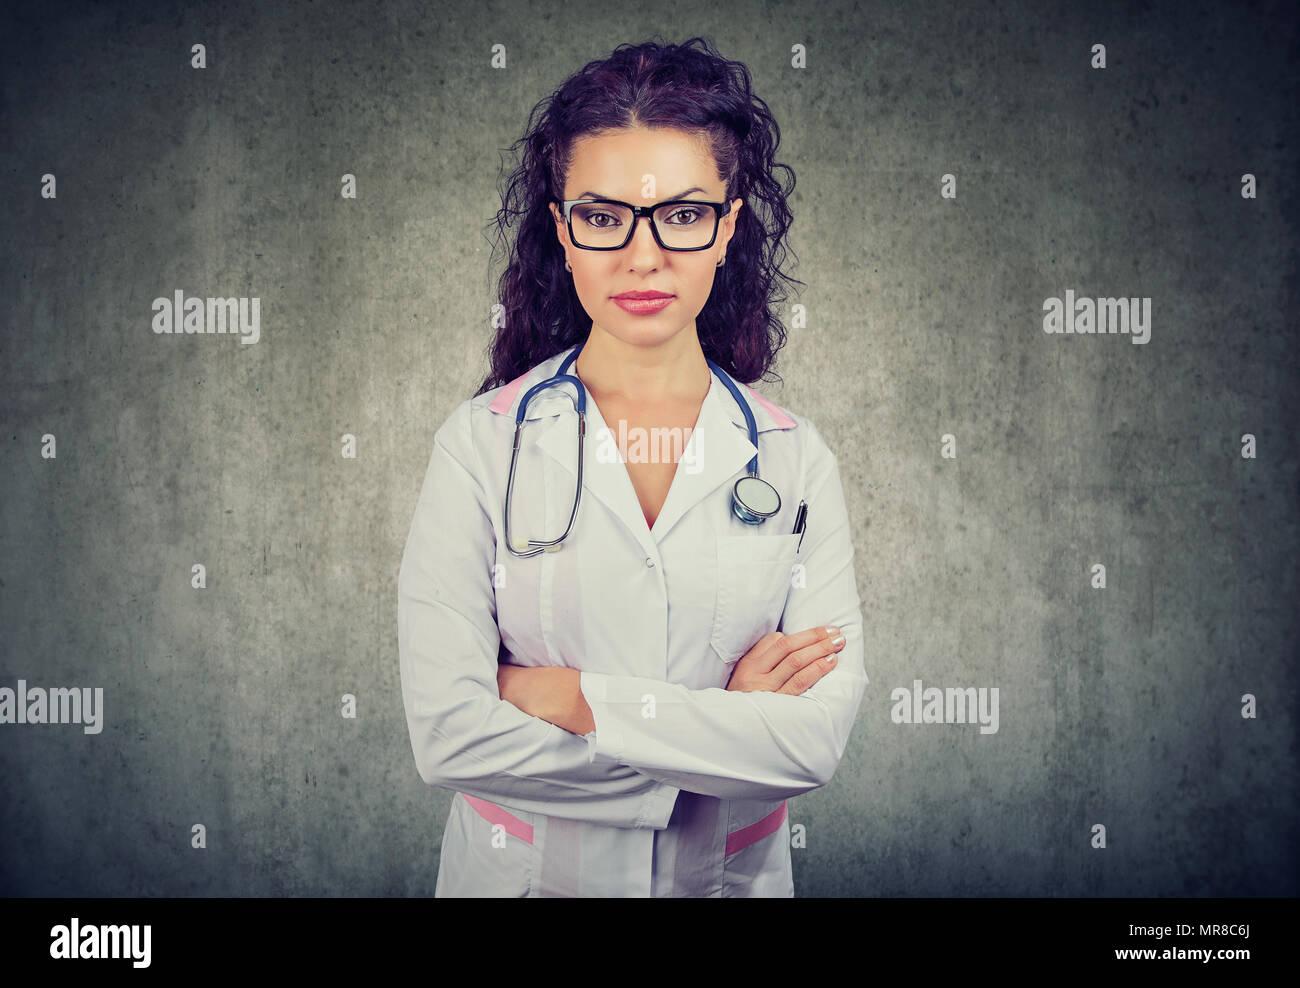 Hermosa mujer de gafas ropa blanca de médico y estetoscopio mirando con confianza a la cámara. Foto de stock